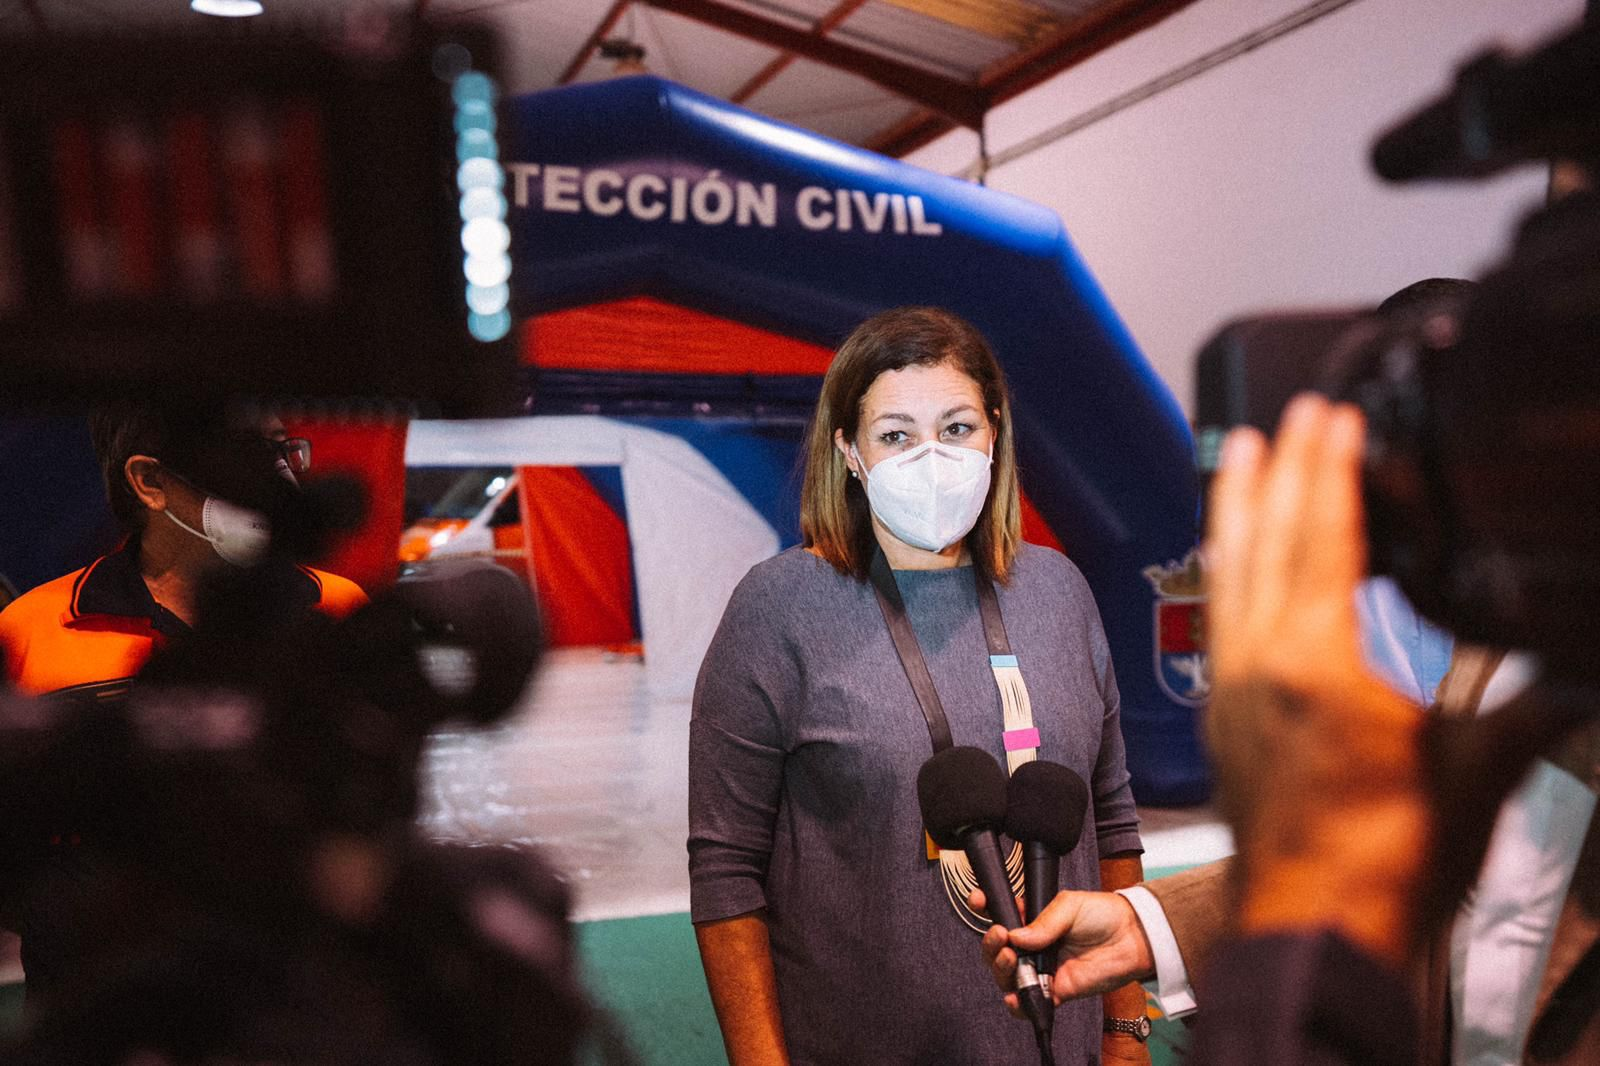 La alcaldesa de Arrecife, Astrid Pérez, abre desde hoy un punto solidario con los vecinos de La Palma